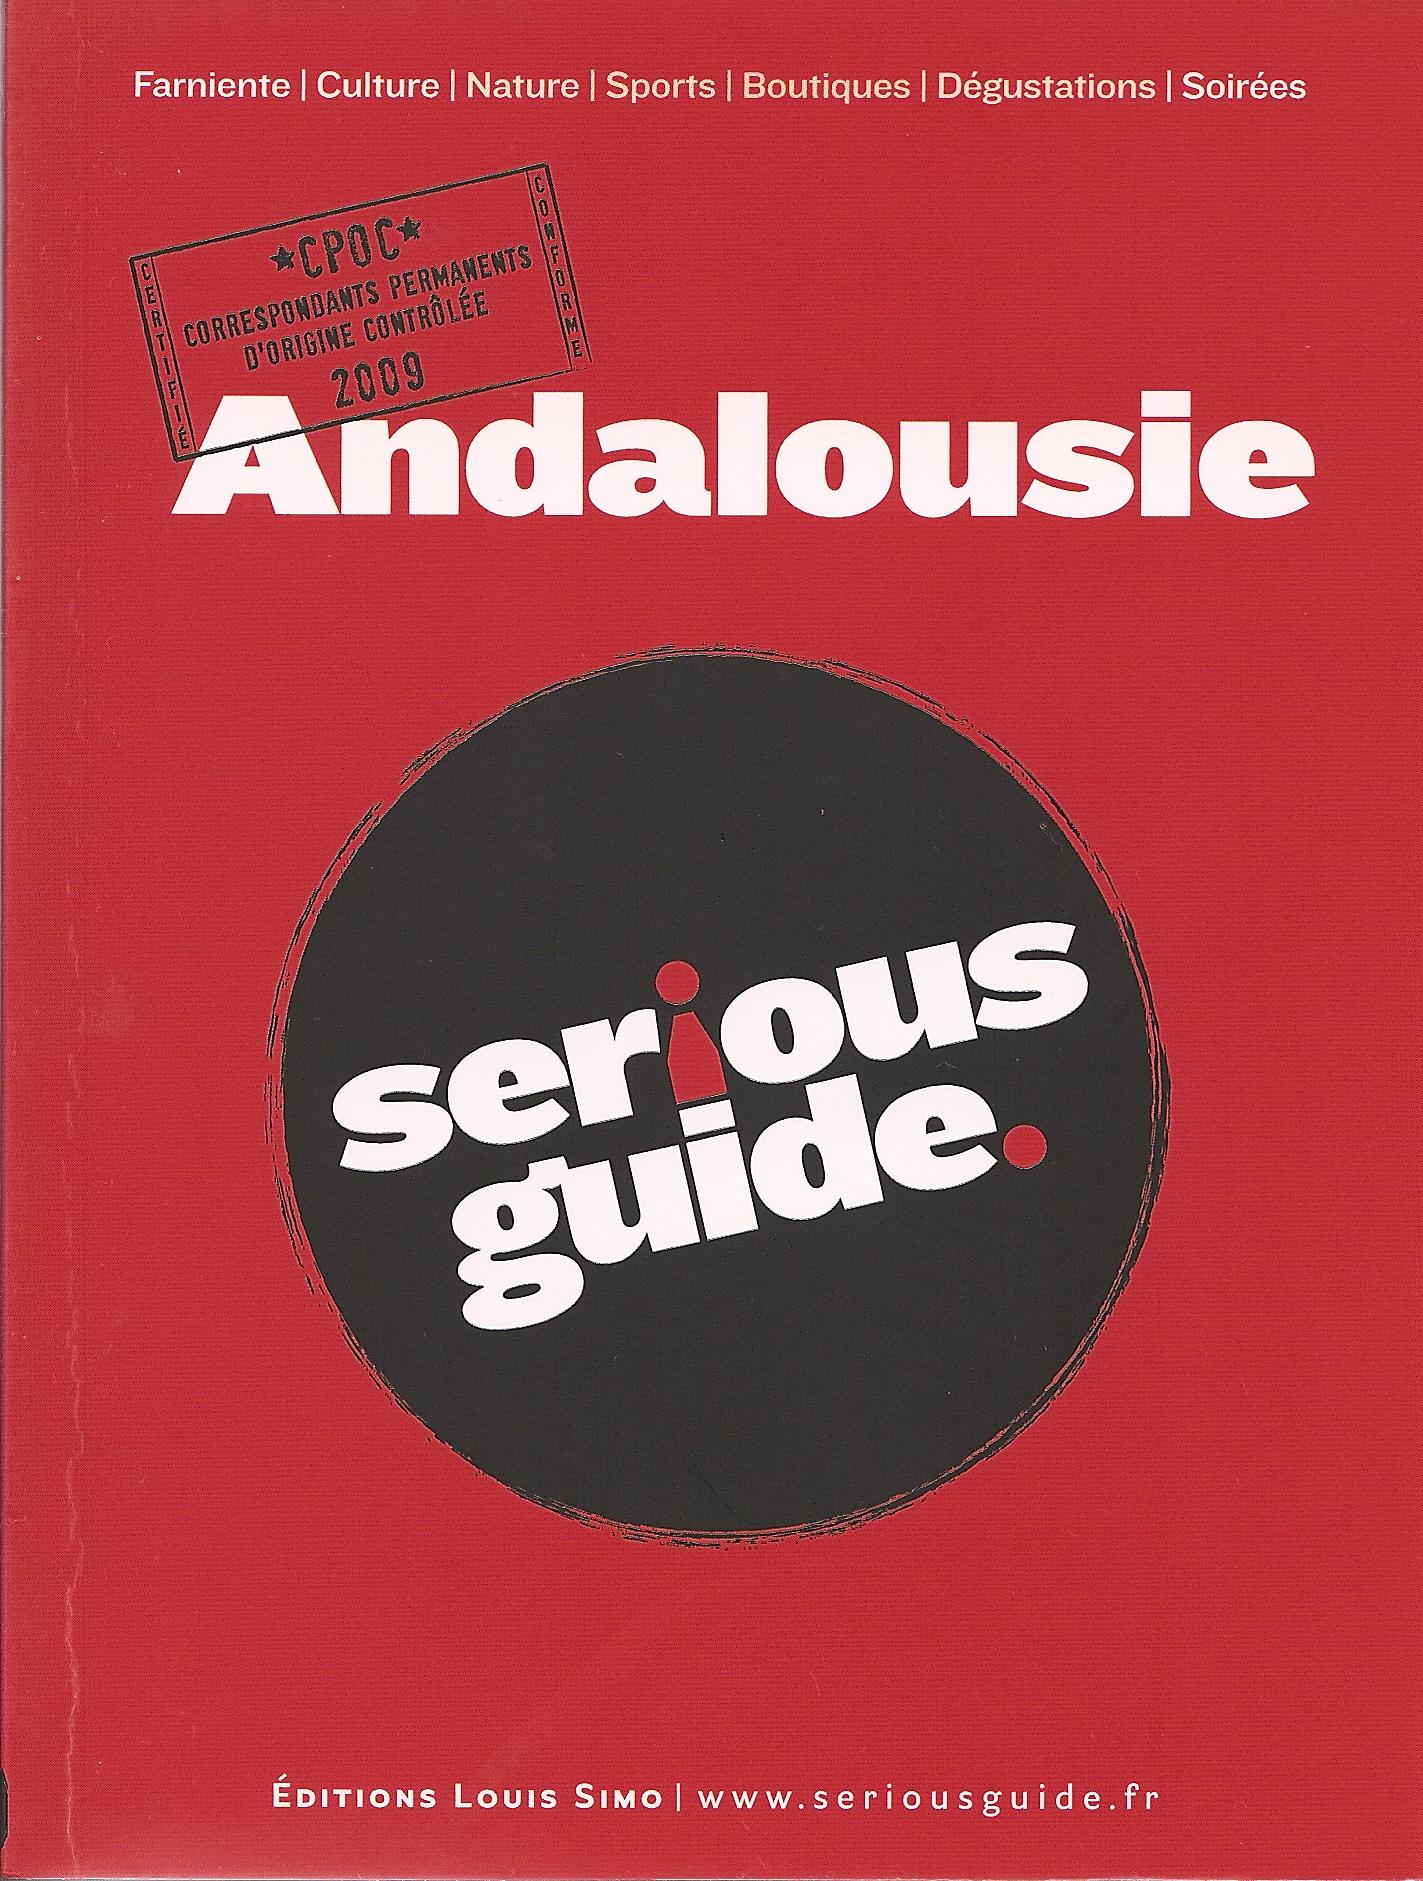 SeriousGuide.fr